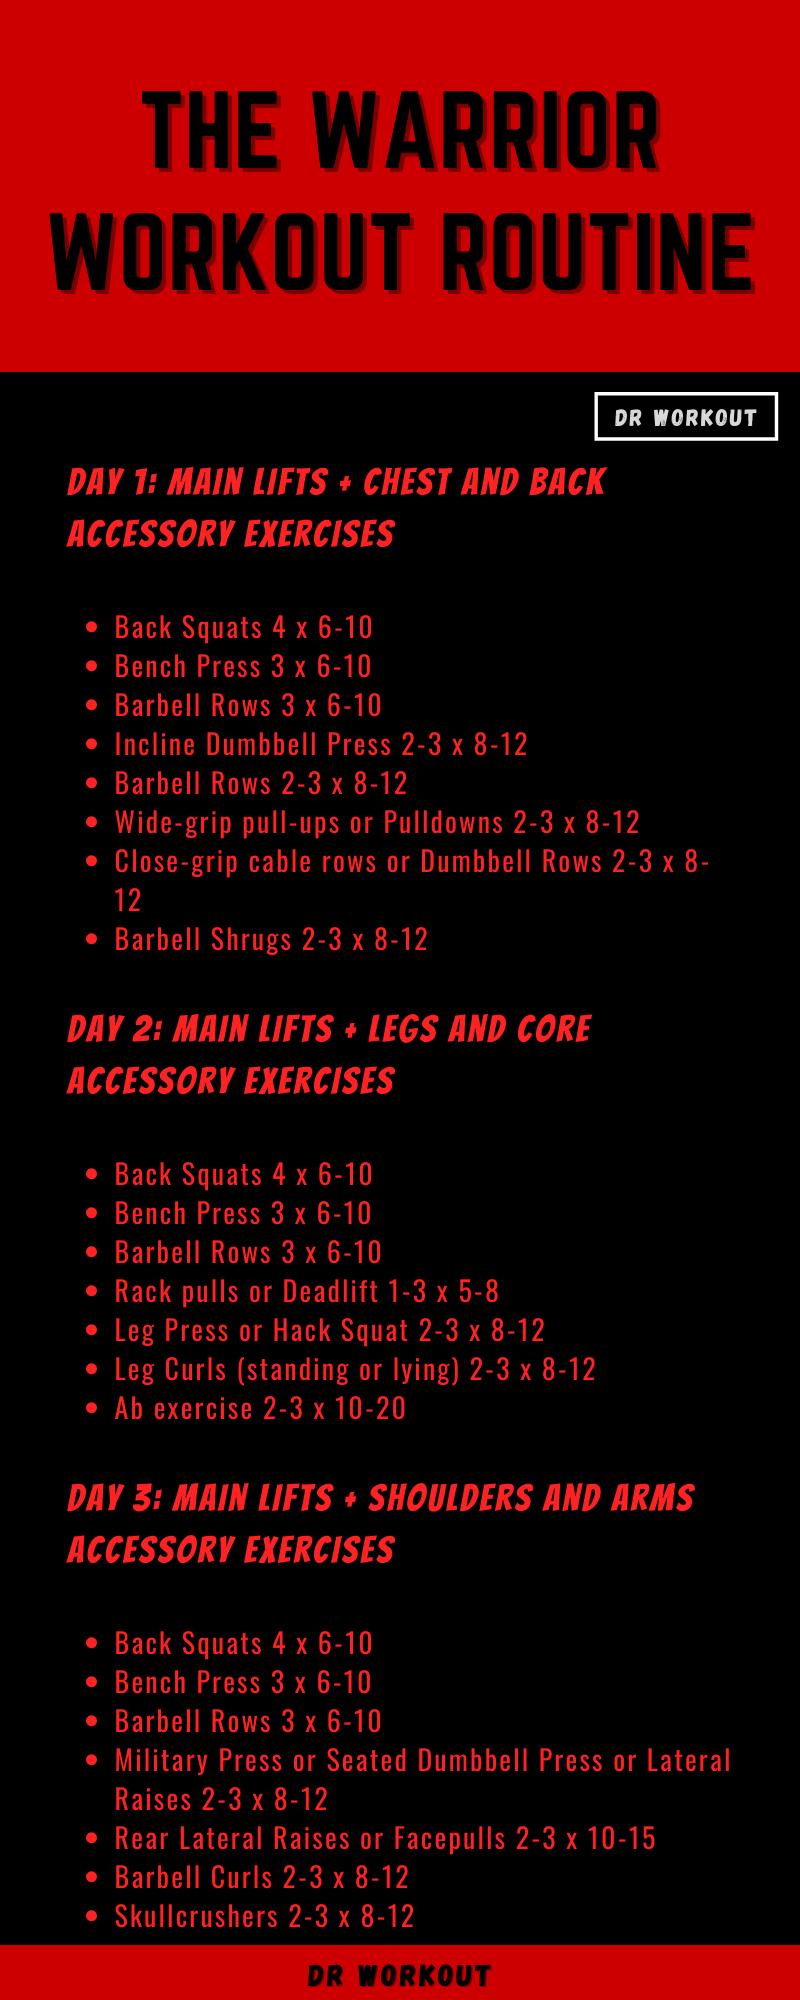 Warrior Workout Routine